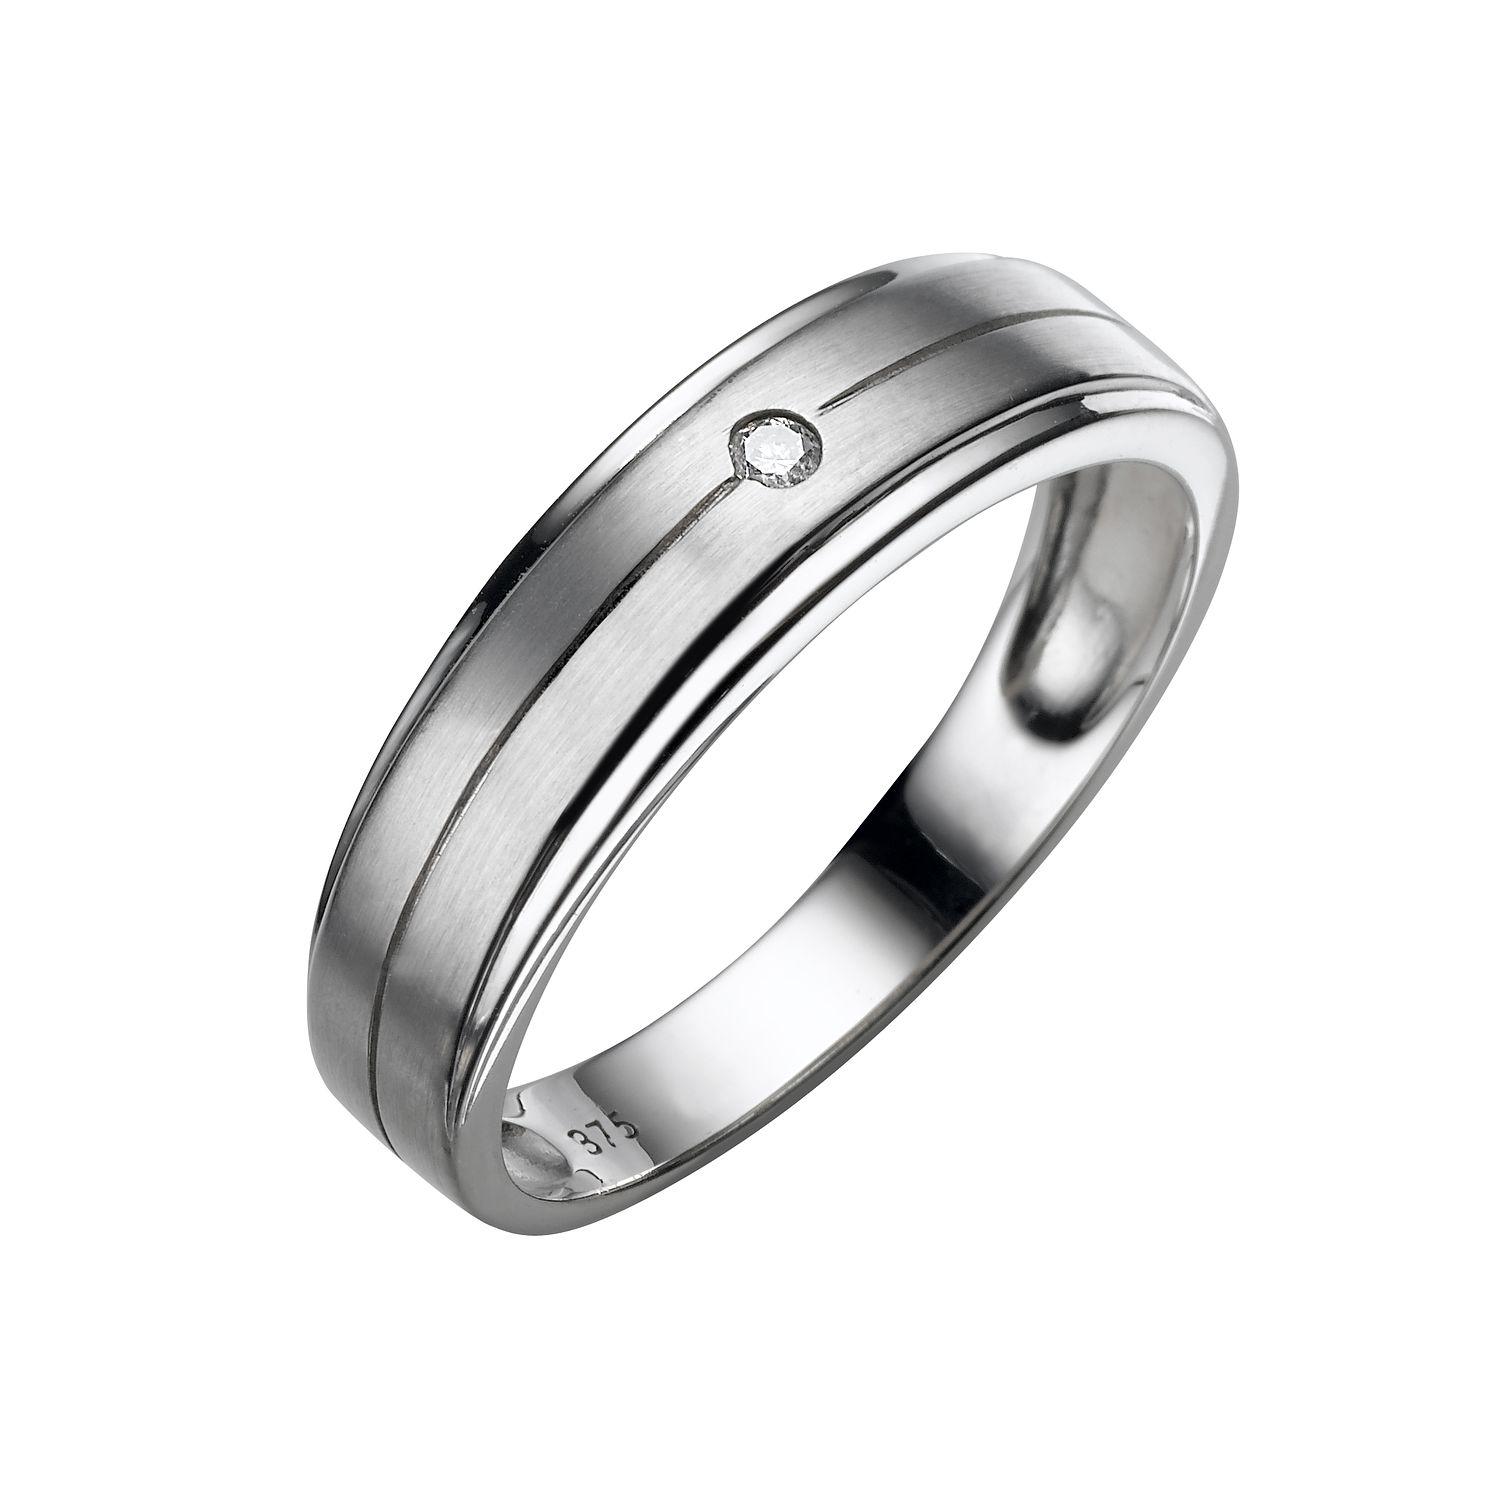 9ct white gold ring Earnest Jones £199.99 @ Ernest Jones